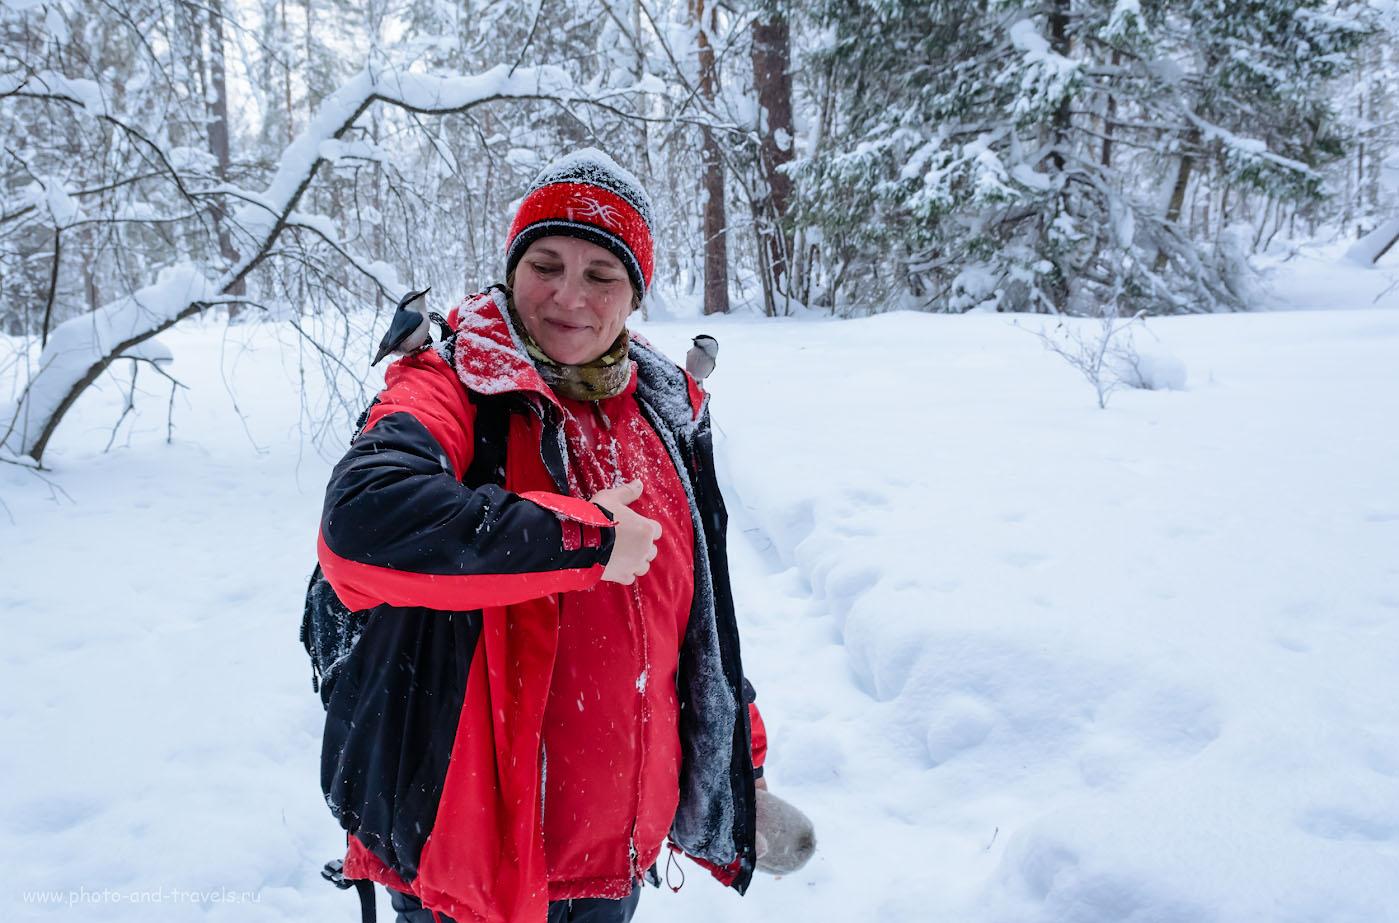 Фотография 29. Лесной генерал. Портреты на кропнутую зеркалку Nikon D5200 с объективом Nikon 17-55mm f/2.8. 1/100, +0.33, 6.3, 1250, 17.